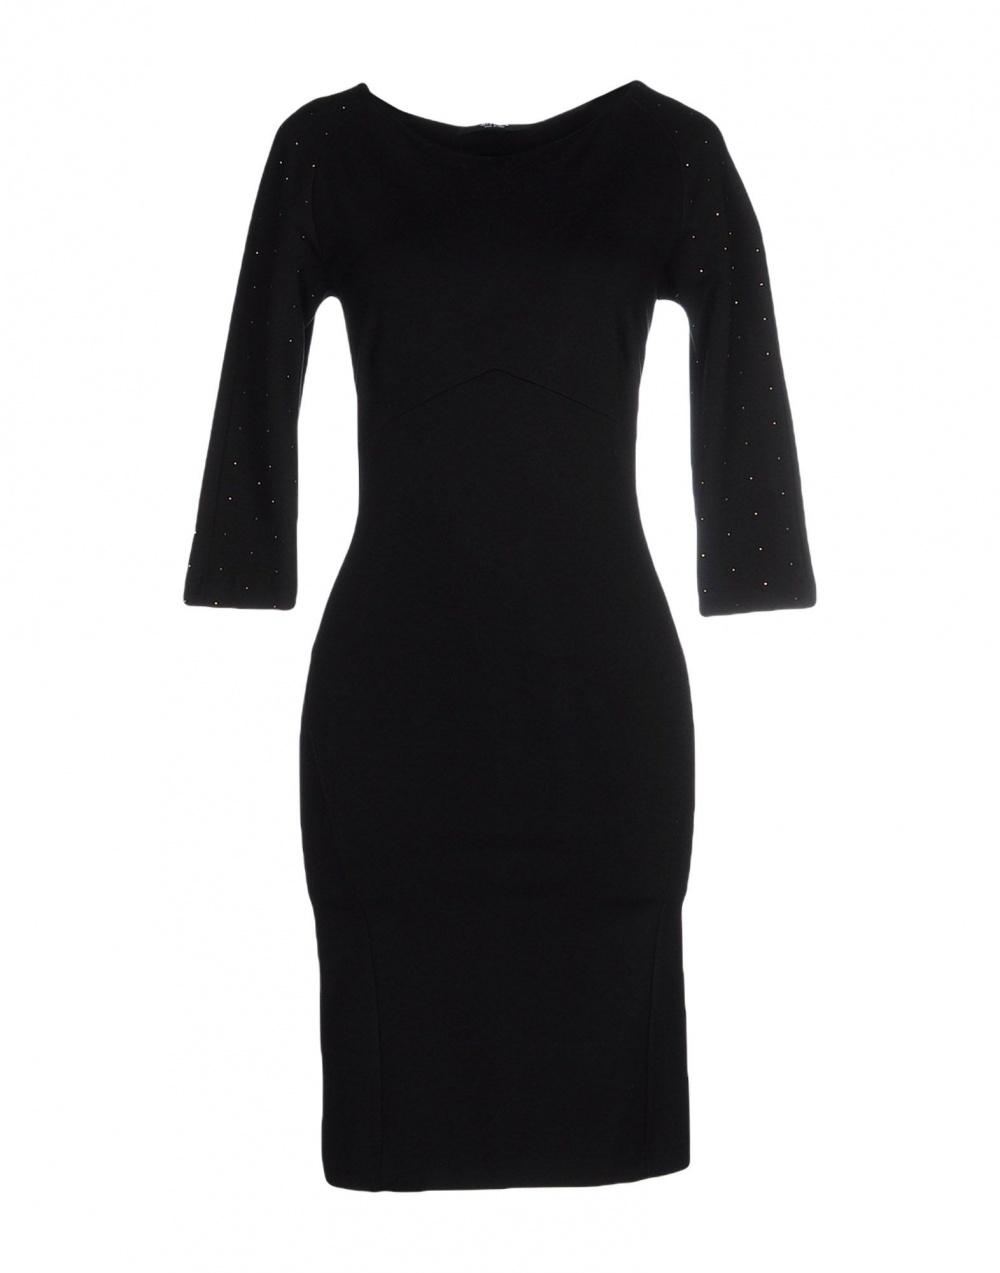 Маленькое черное платье SISTE' S, 48 (Российский размер) дизайнер:46 (IT). Черный